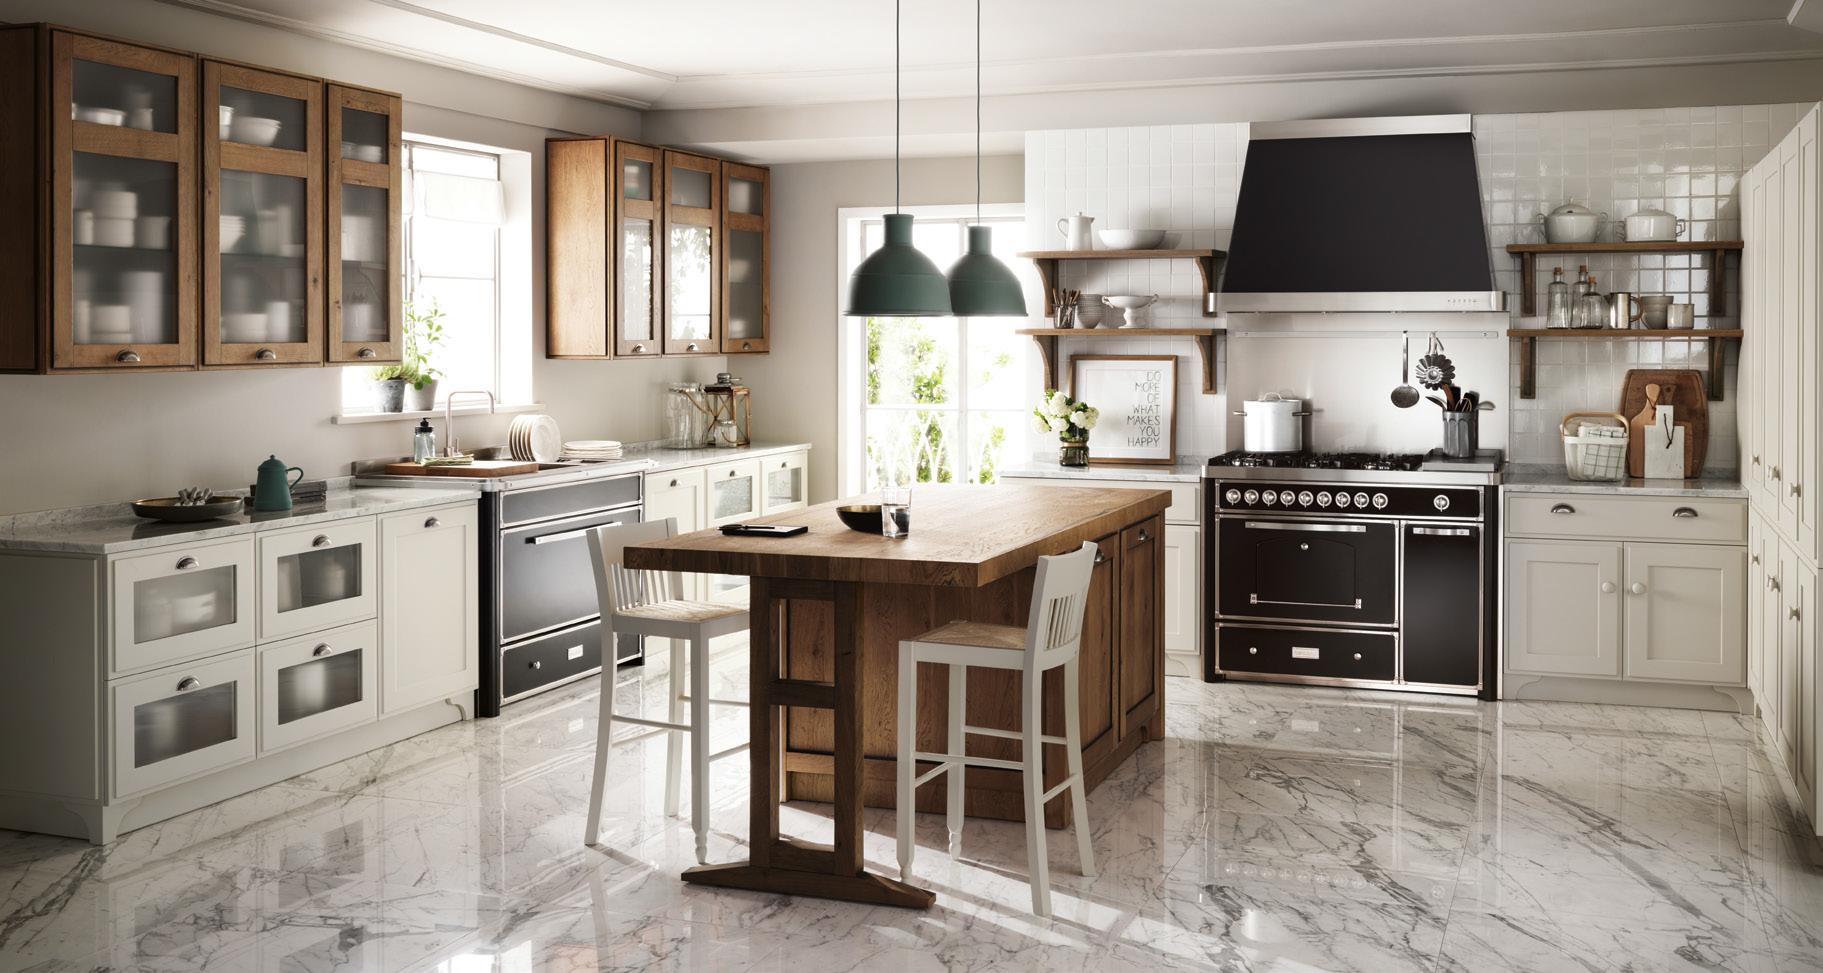 Cucine moderne scavolini centro mobili - Scavolini camere da letto ...